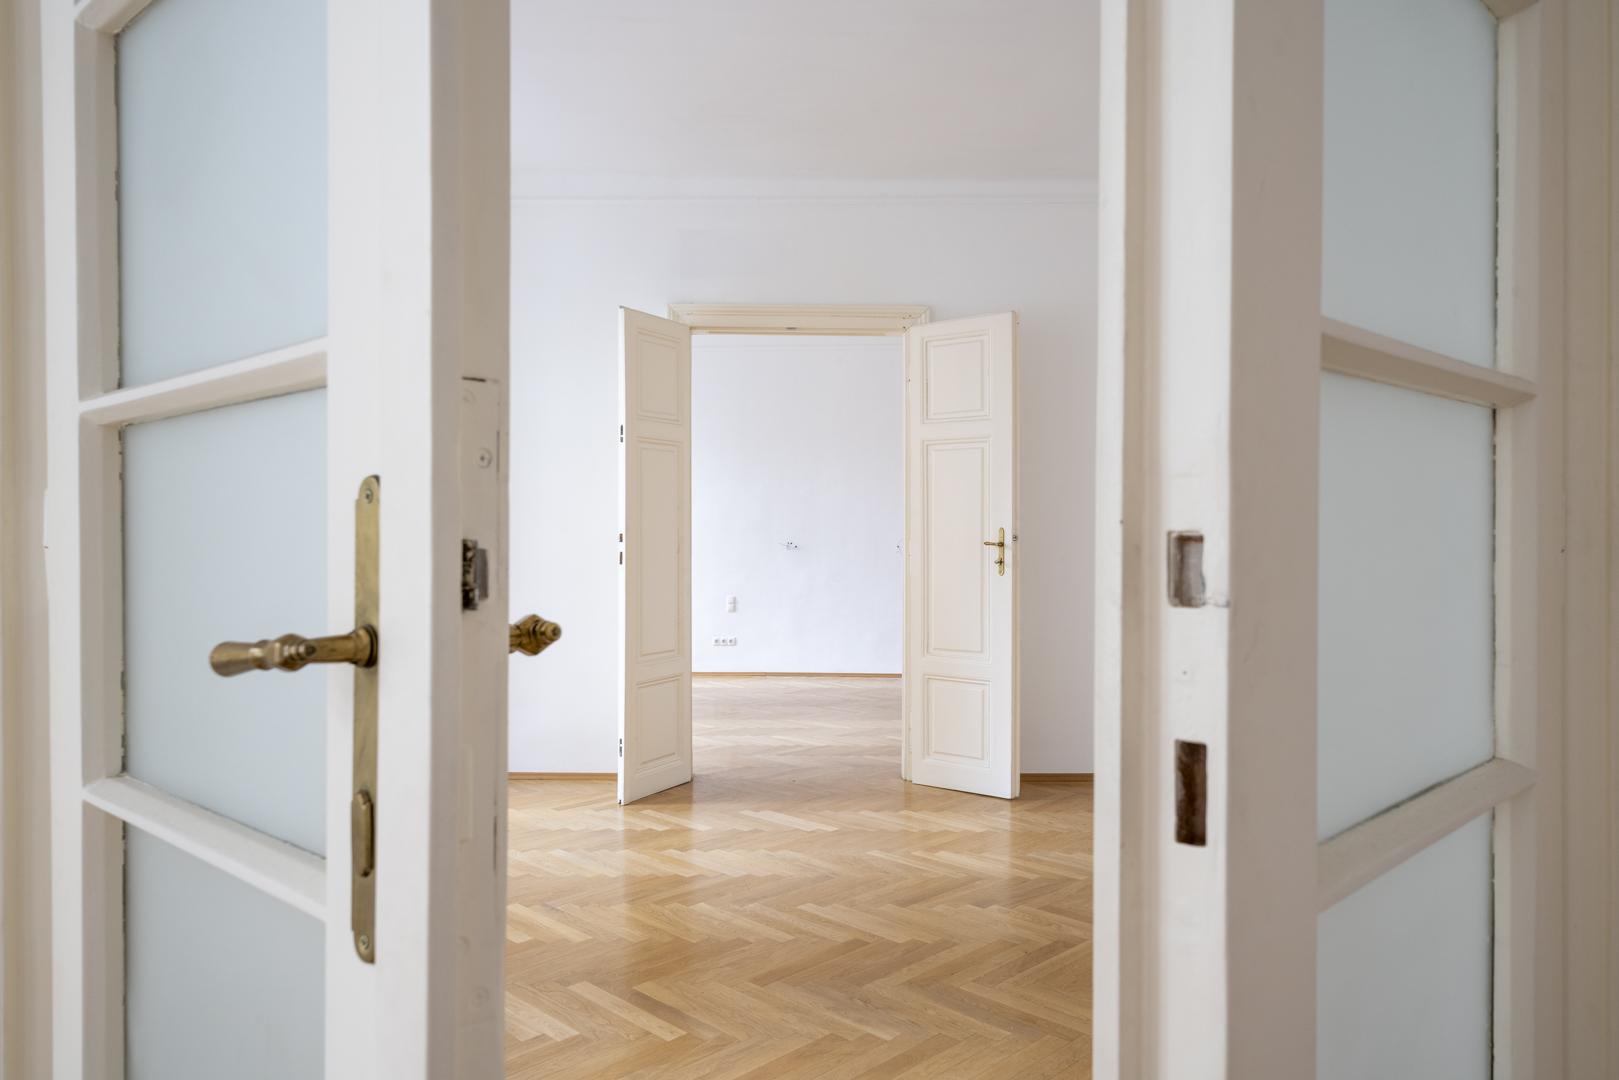 Immobilienfotografie Wohnungsräume Wien von Fotograf Michael Pinzolits